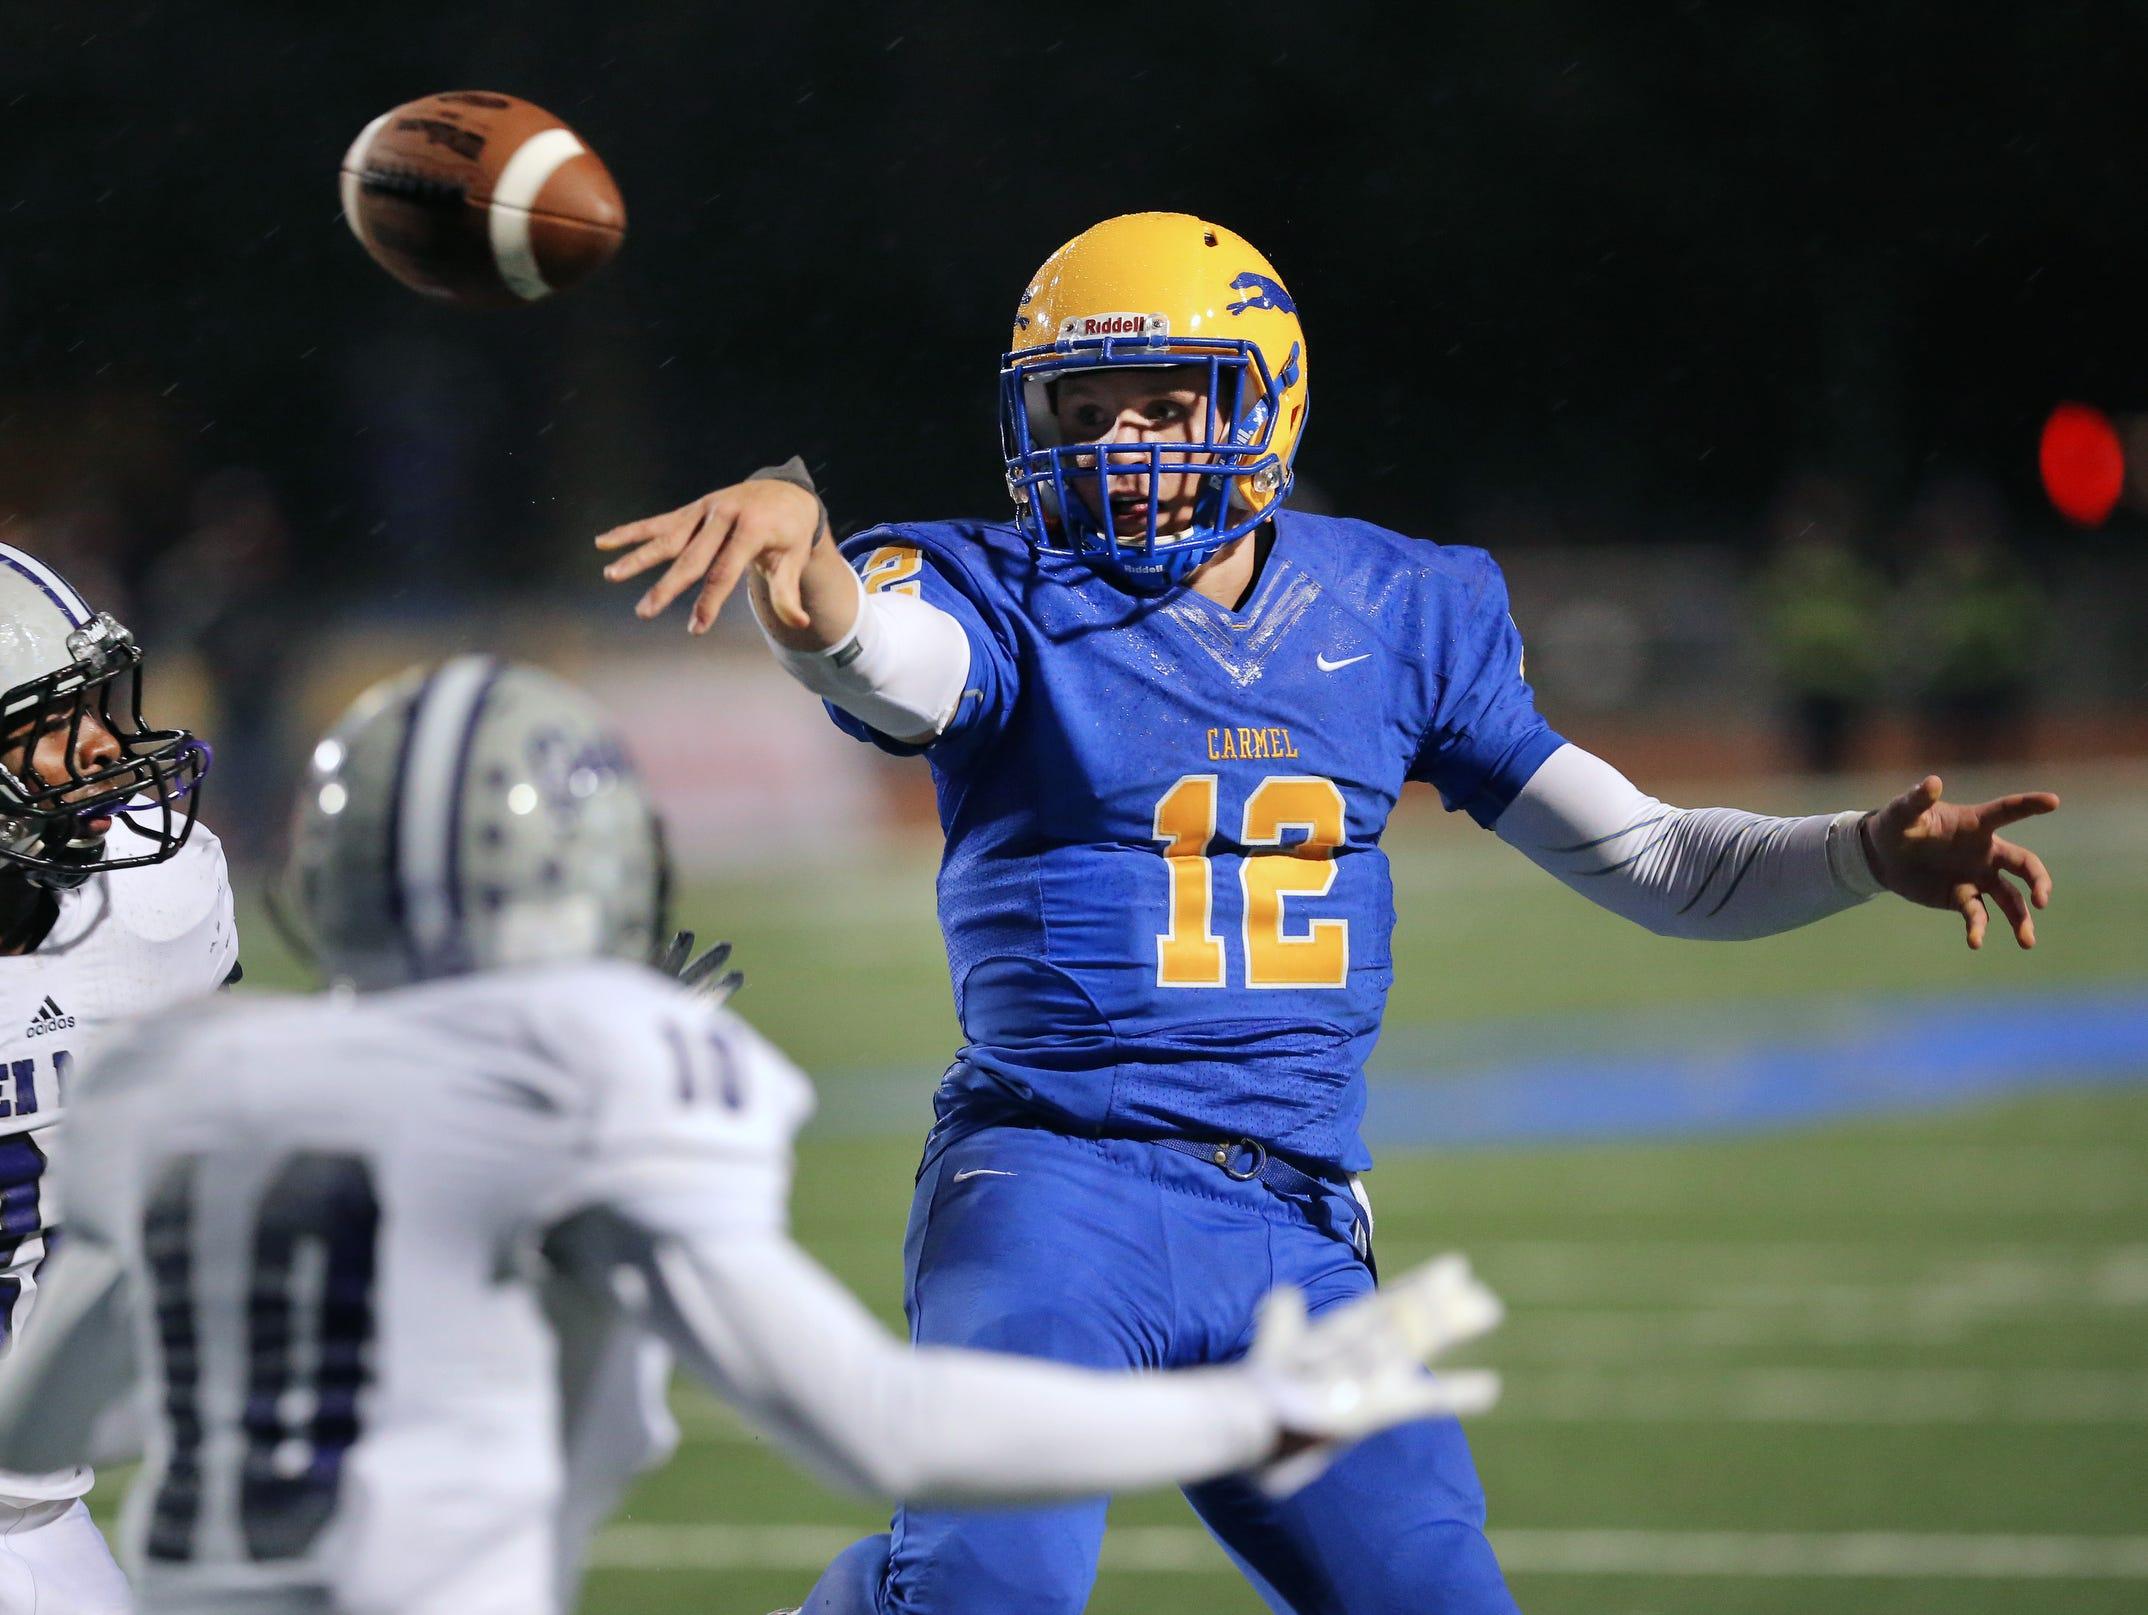 Carmel quarterback Michael Viktrup.